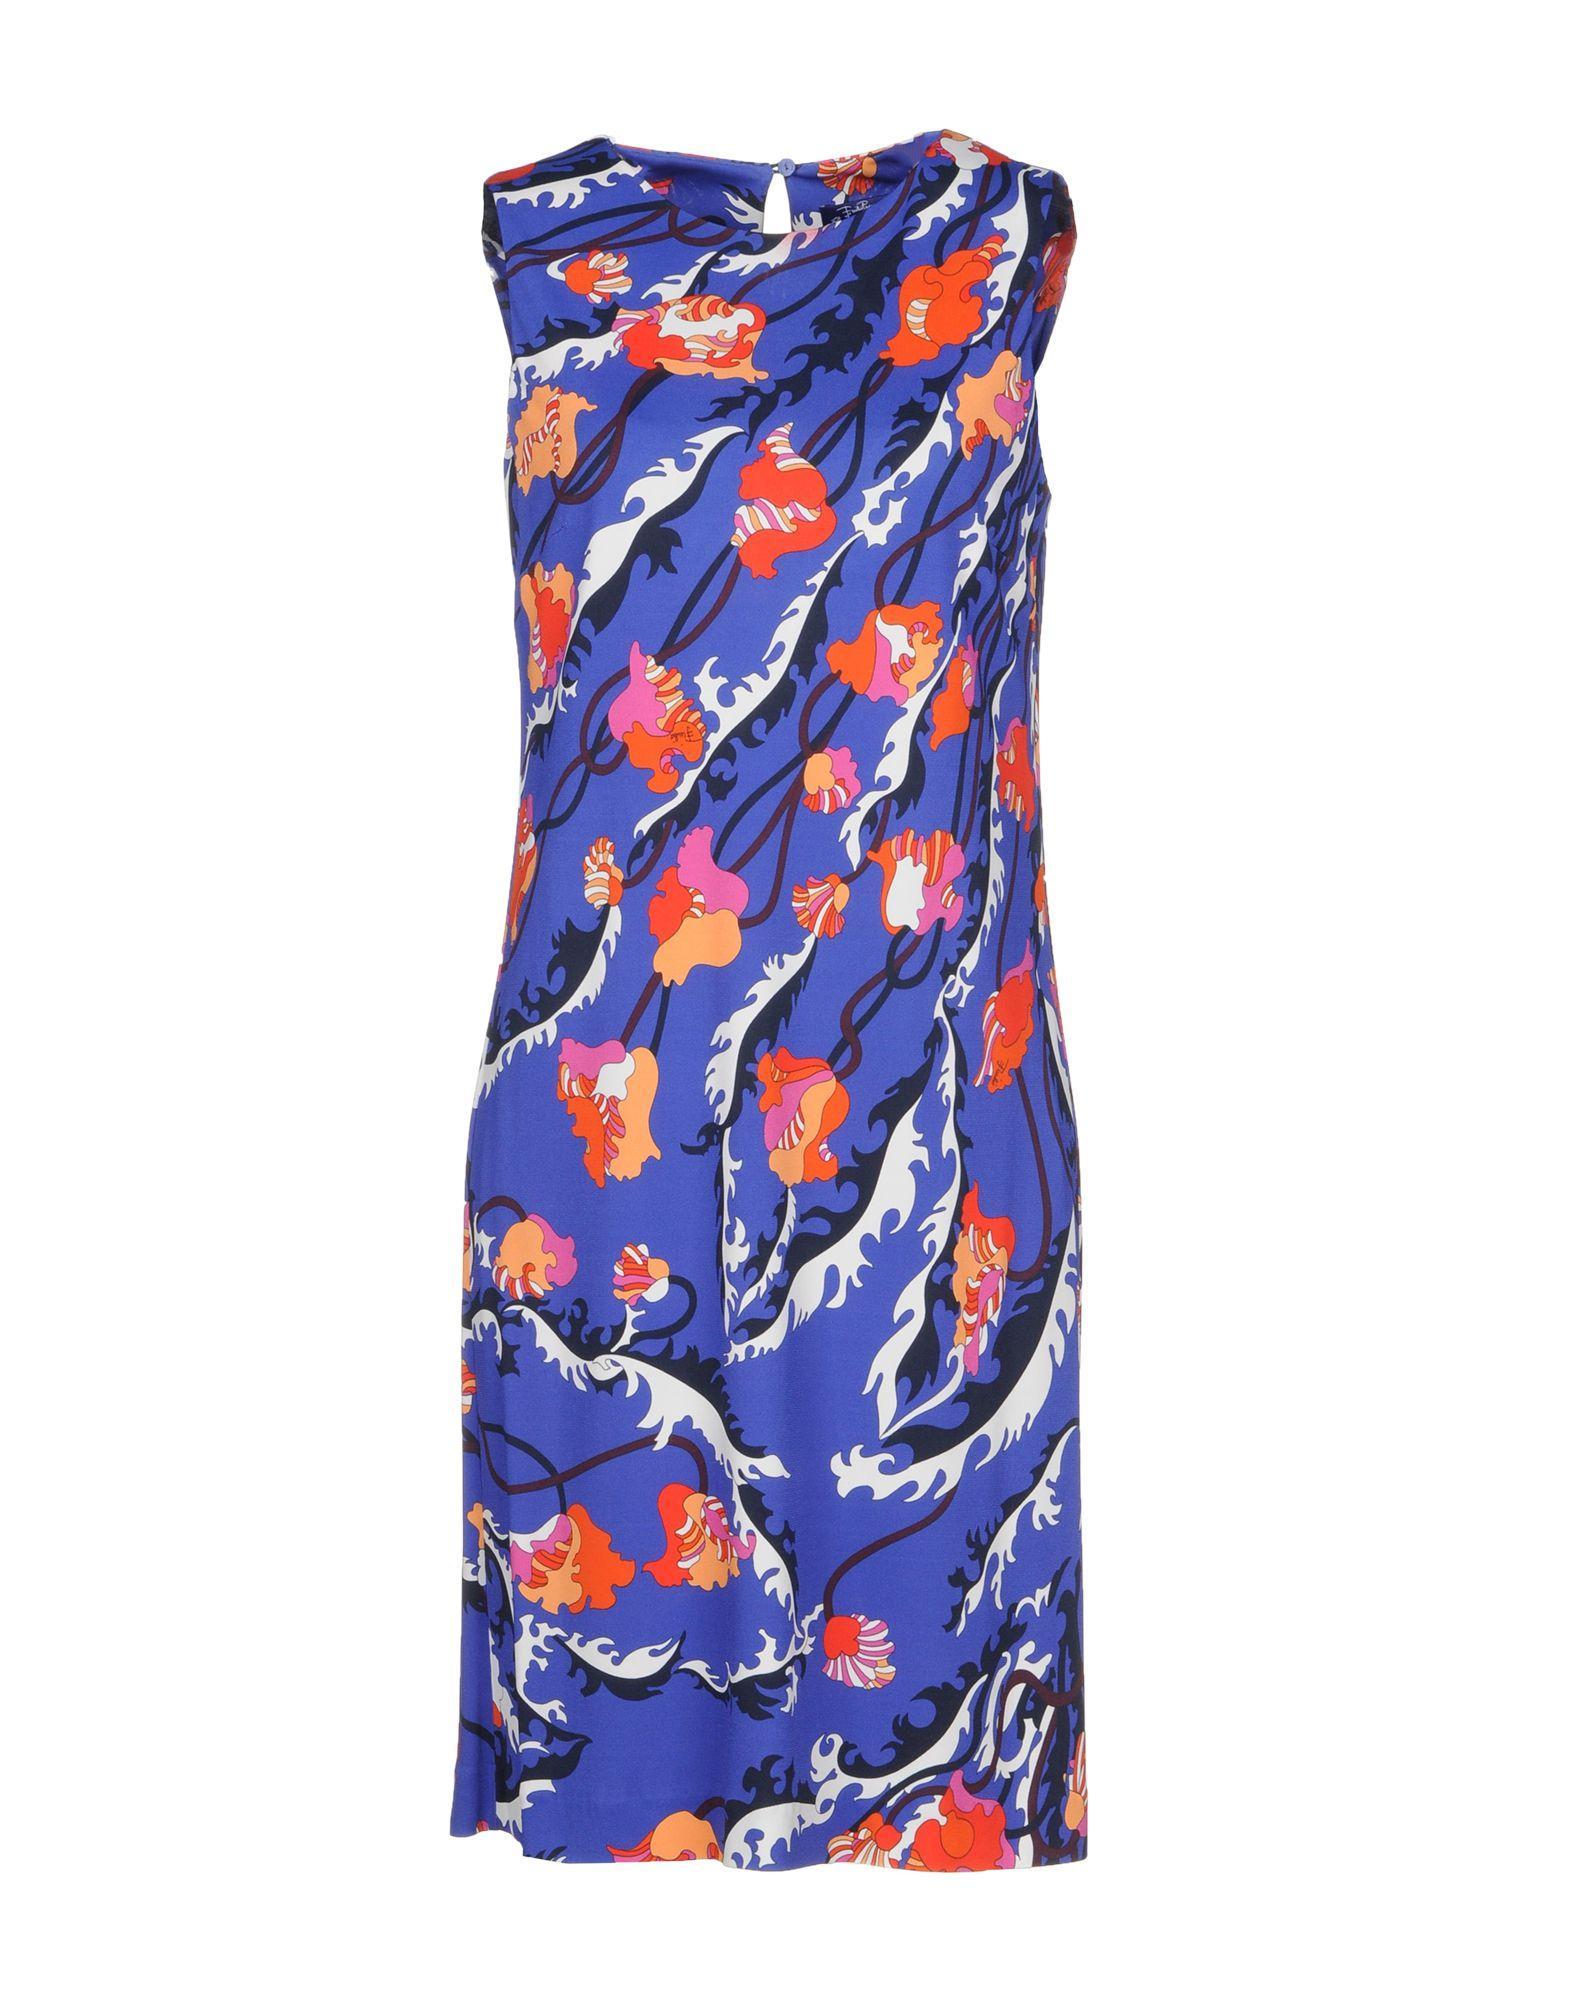 Emilio Pucci Short Dress In Blue